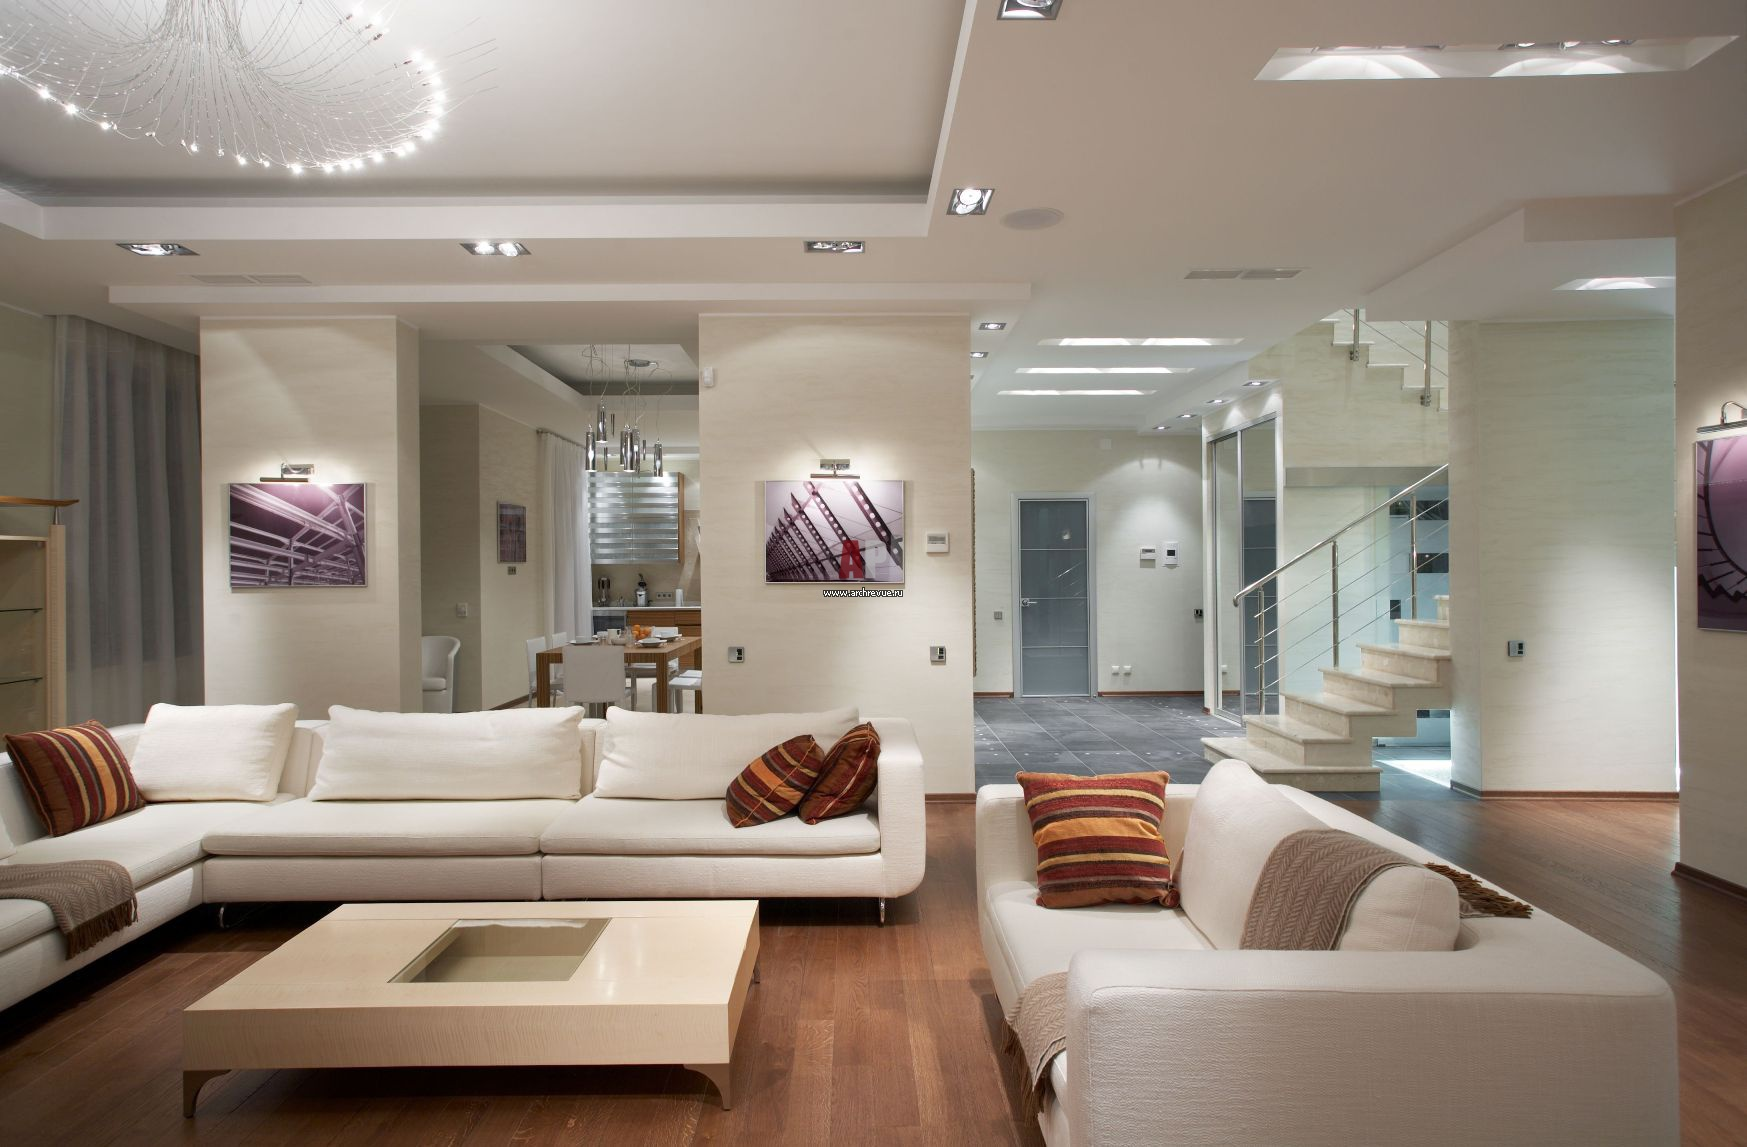 Дизайн гостиной в доме фото 2015 современные идеи